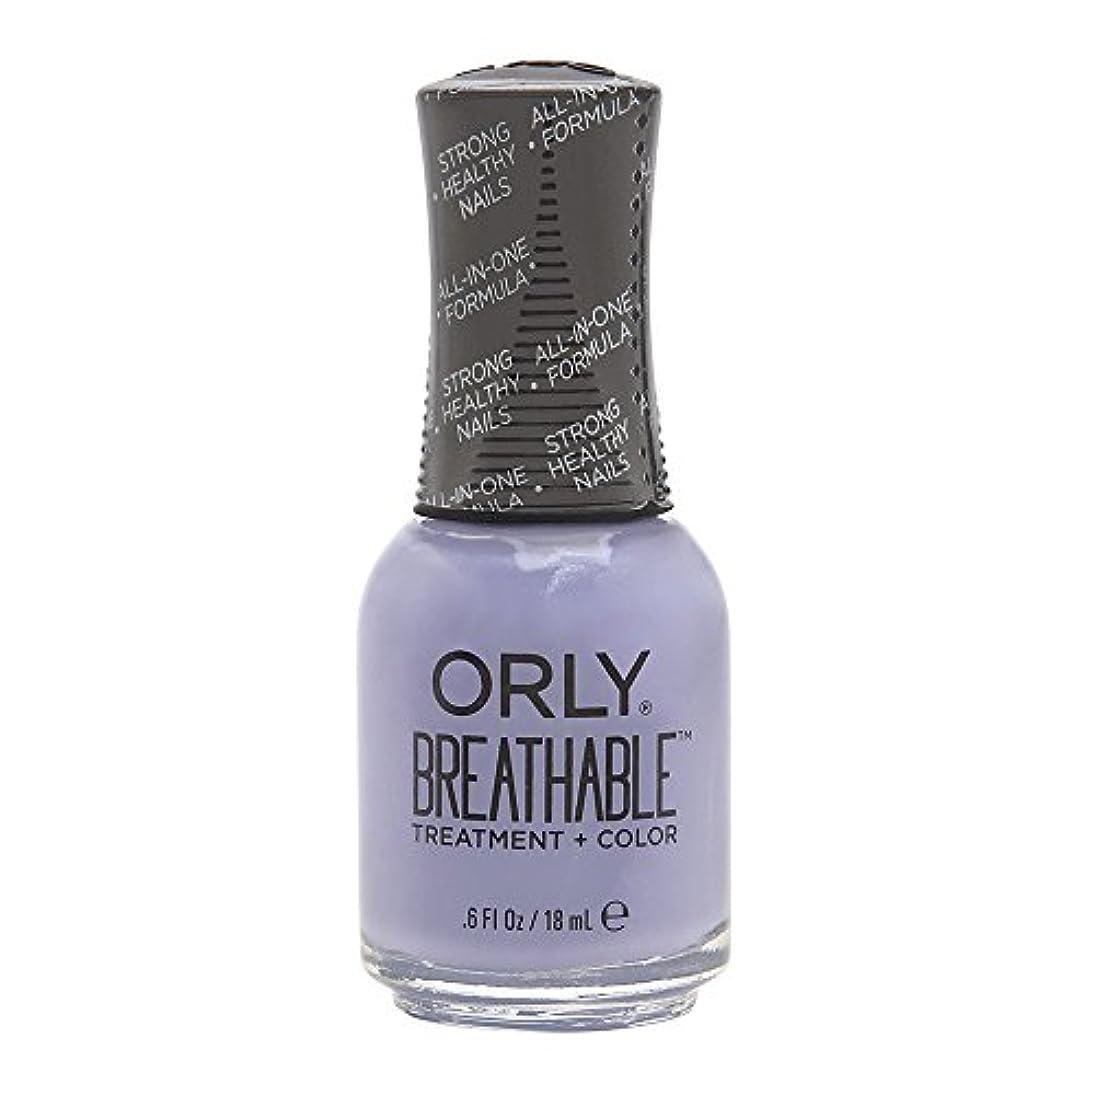 ヒロイン成功した注入するOrly Breathable Treatment + Color Nail Lacquer - Just Breathe - 0.6oz/18ml